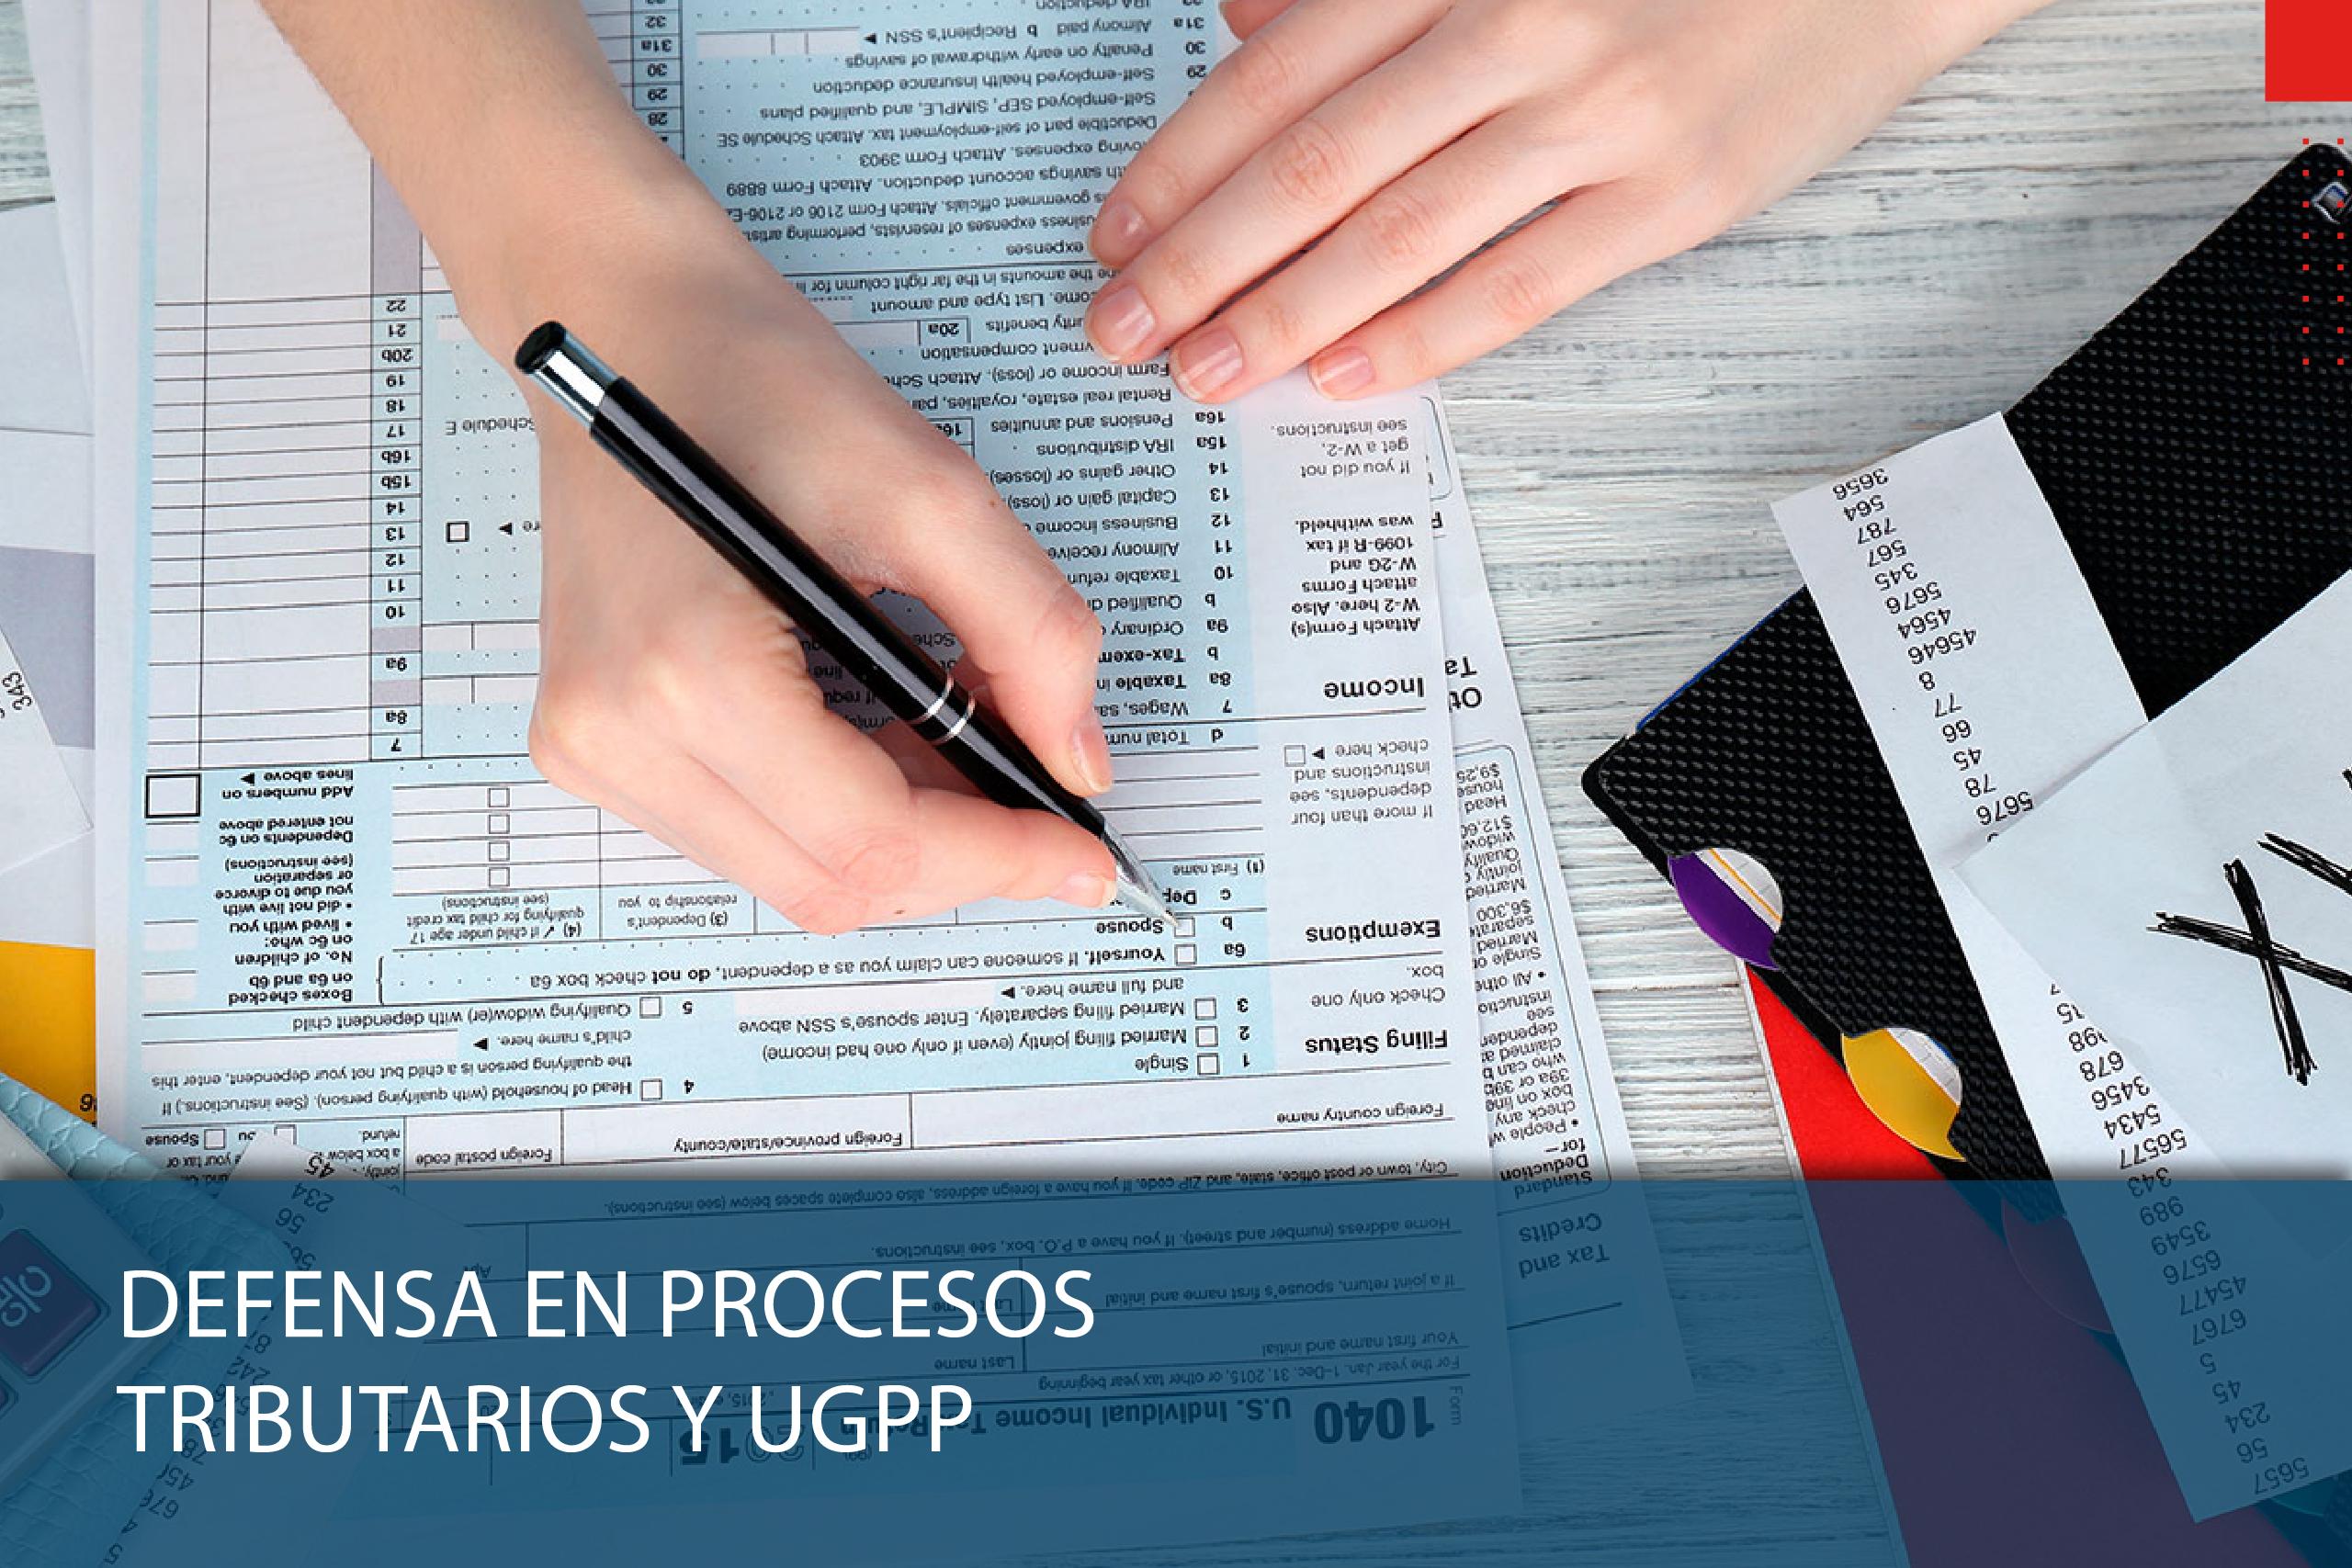 Defensa en procesos tributarios y UGPP